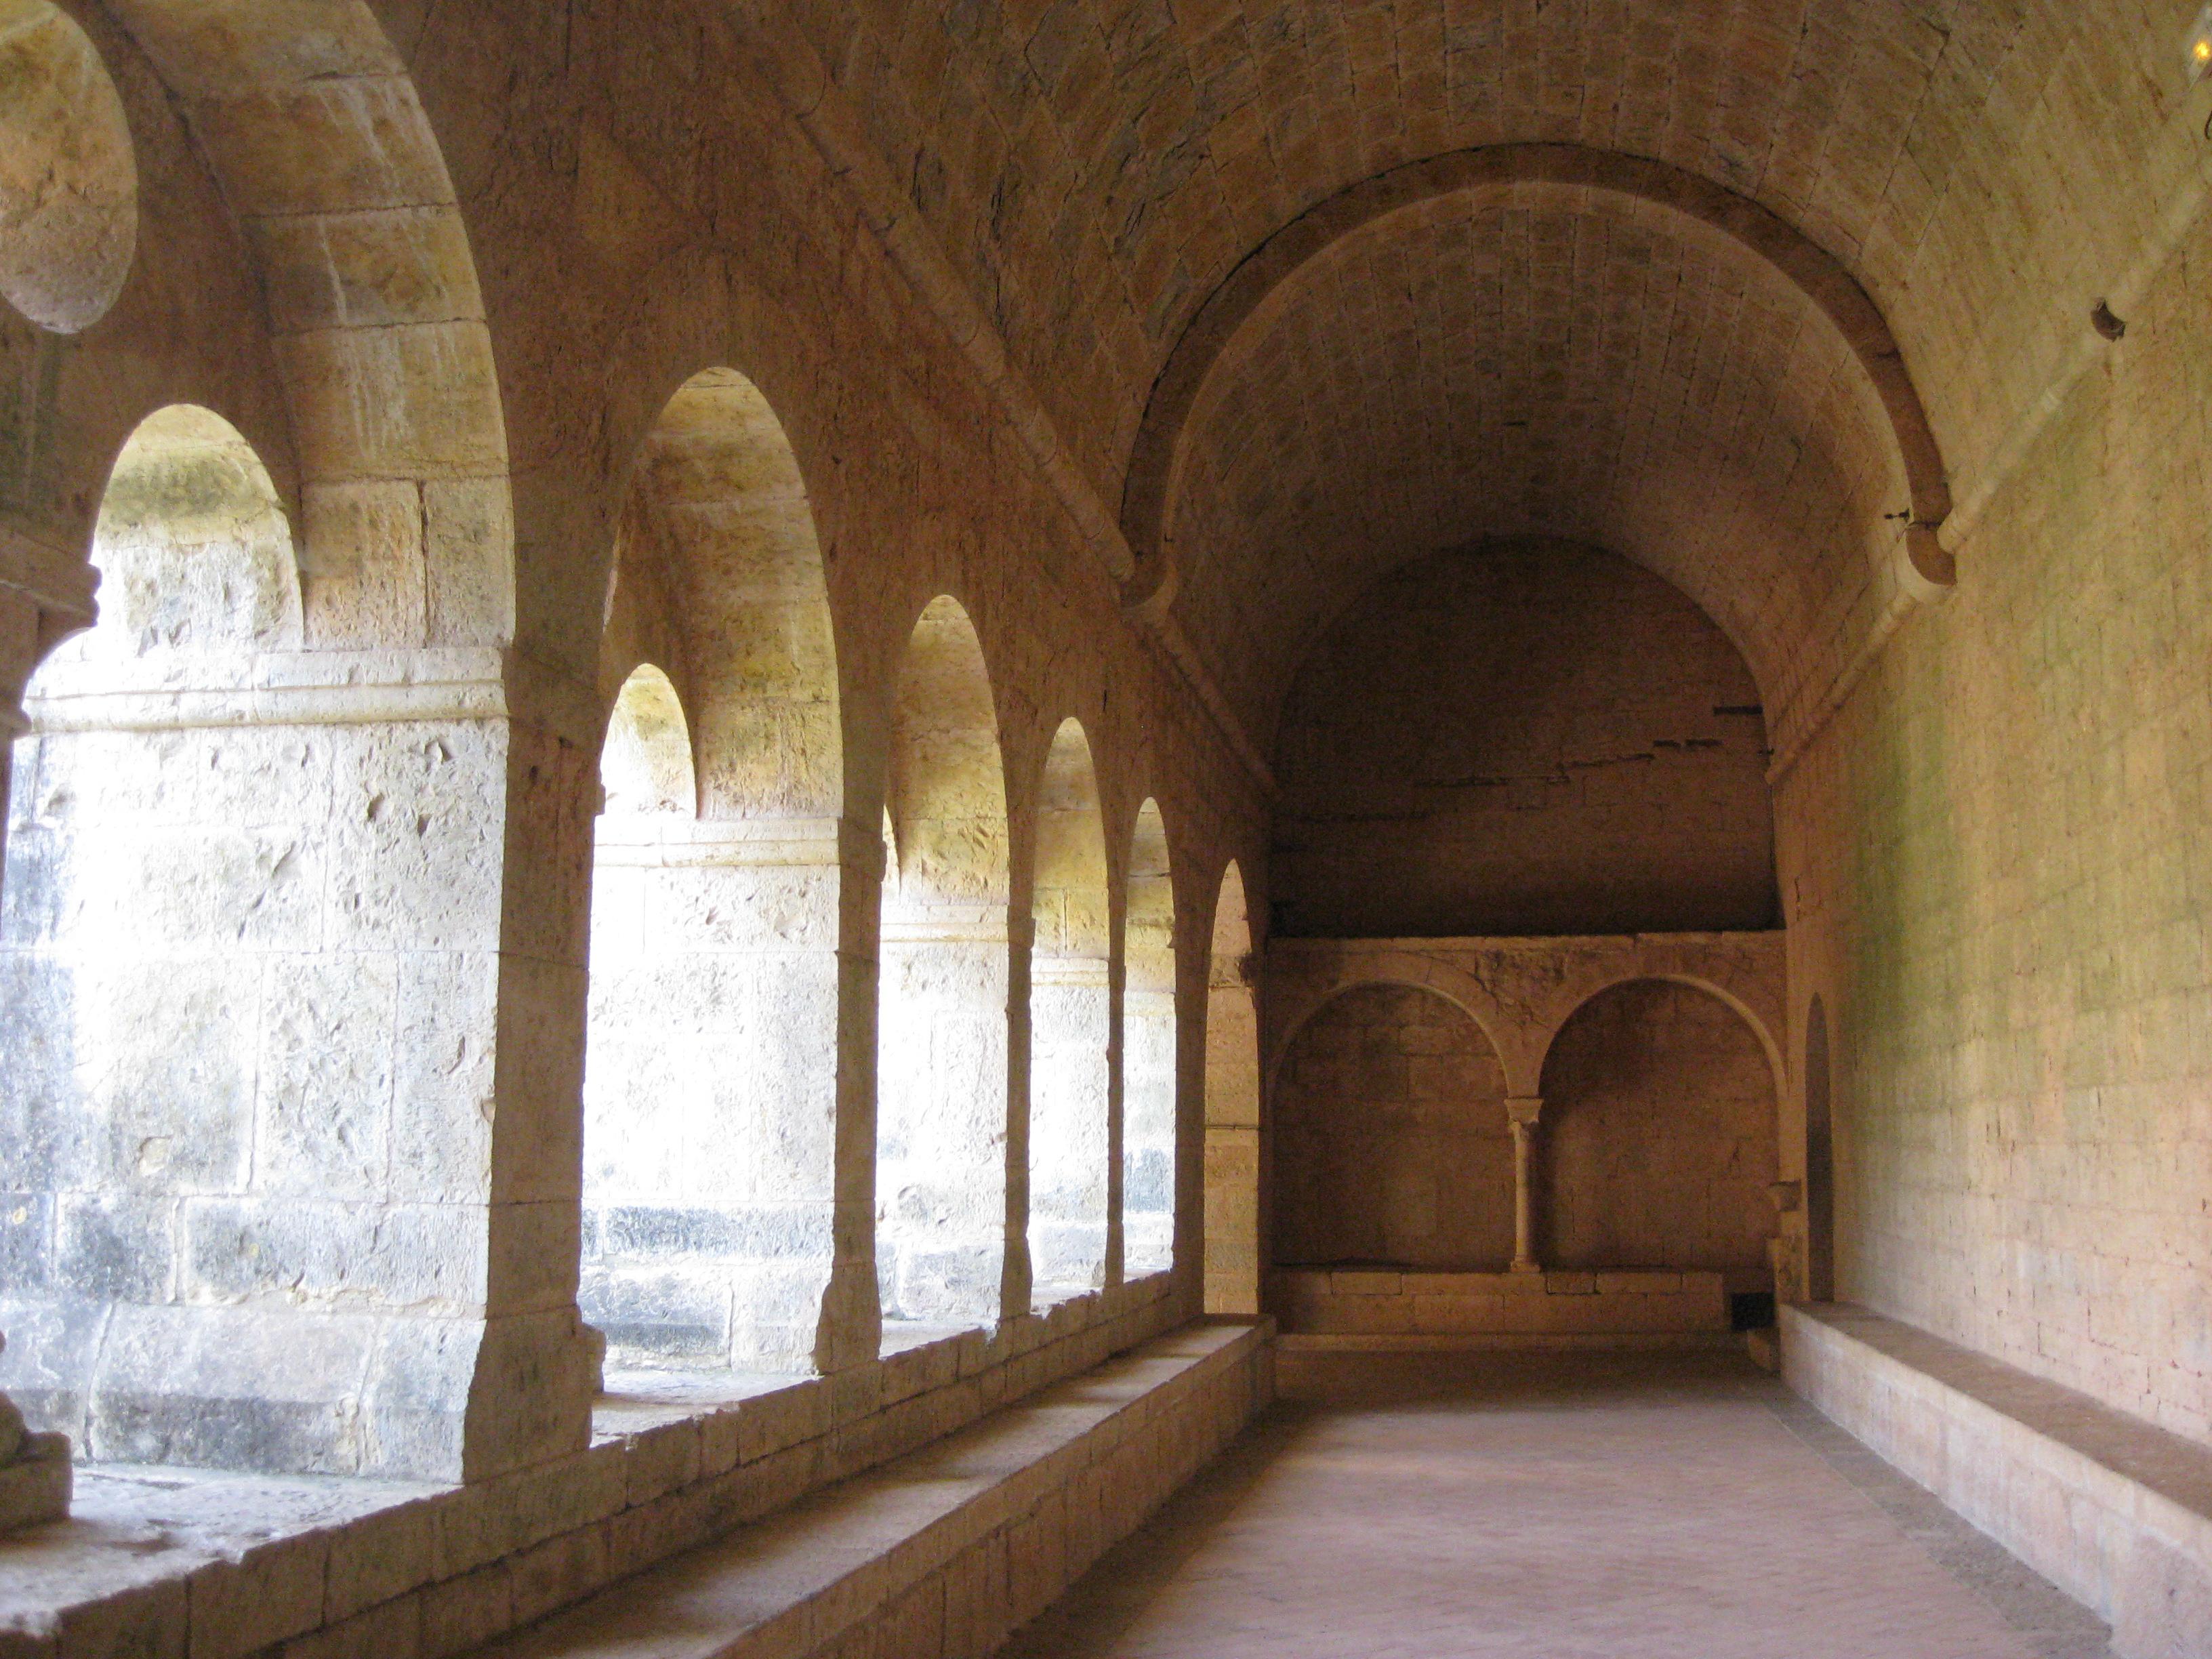 L'Abbaye de Thoronet